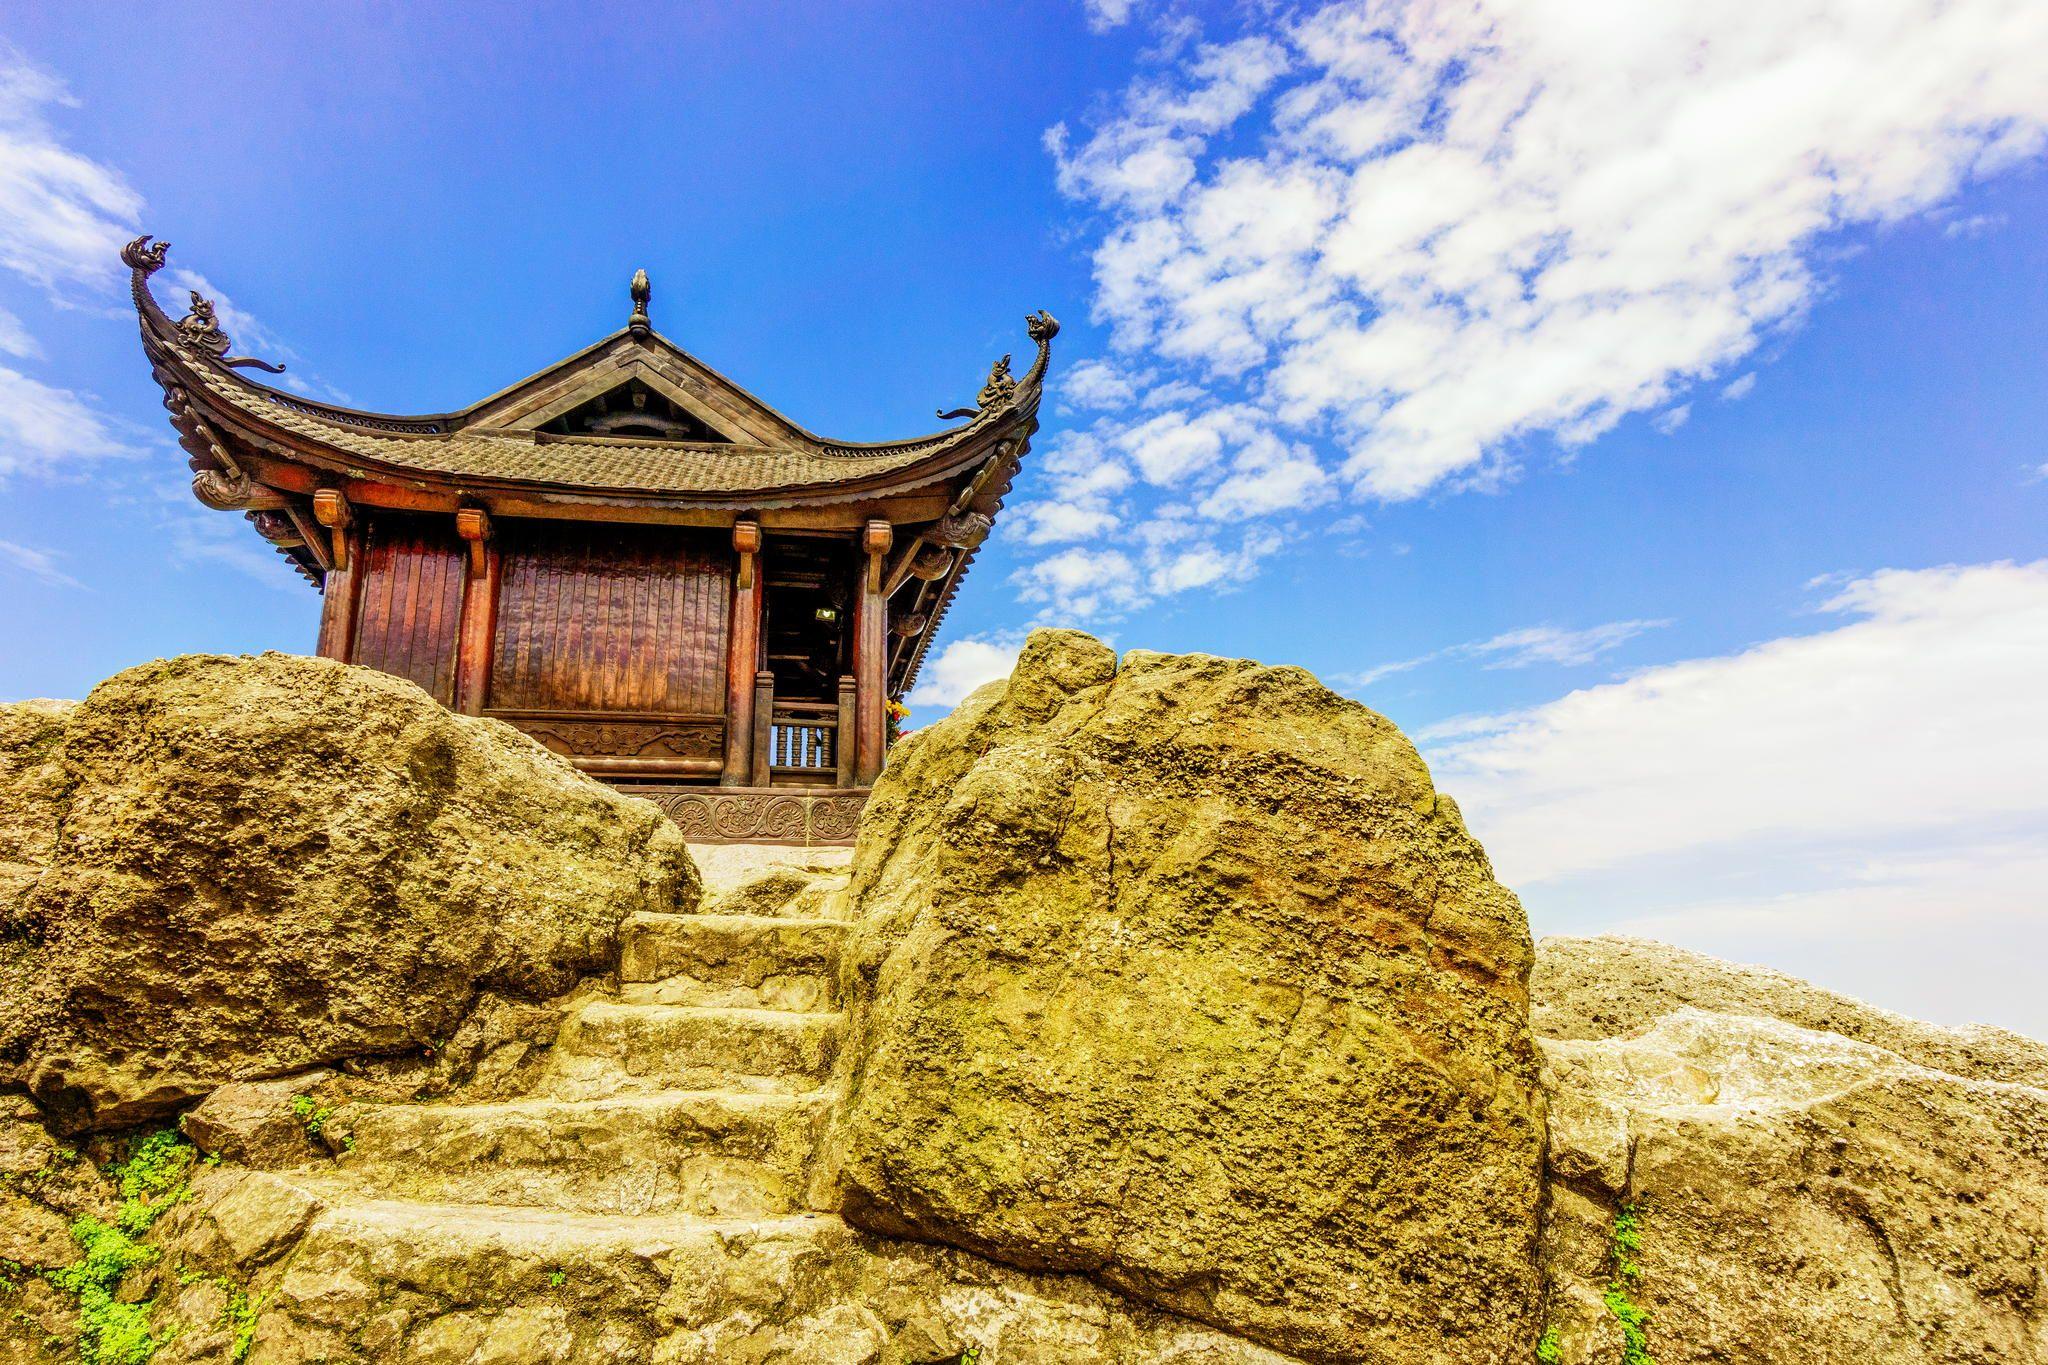 Du-lịch- Yên Tử - Thiền viện Trúc Lâm